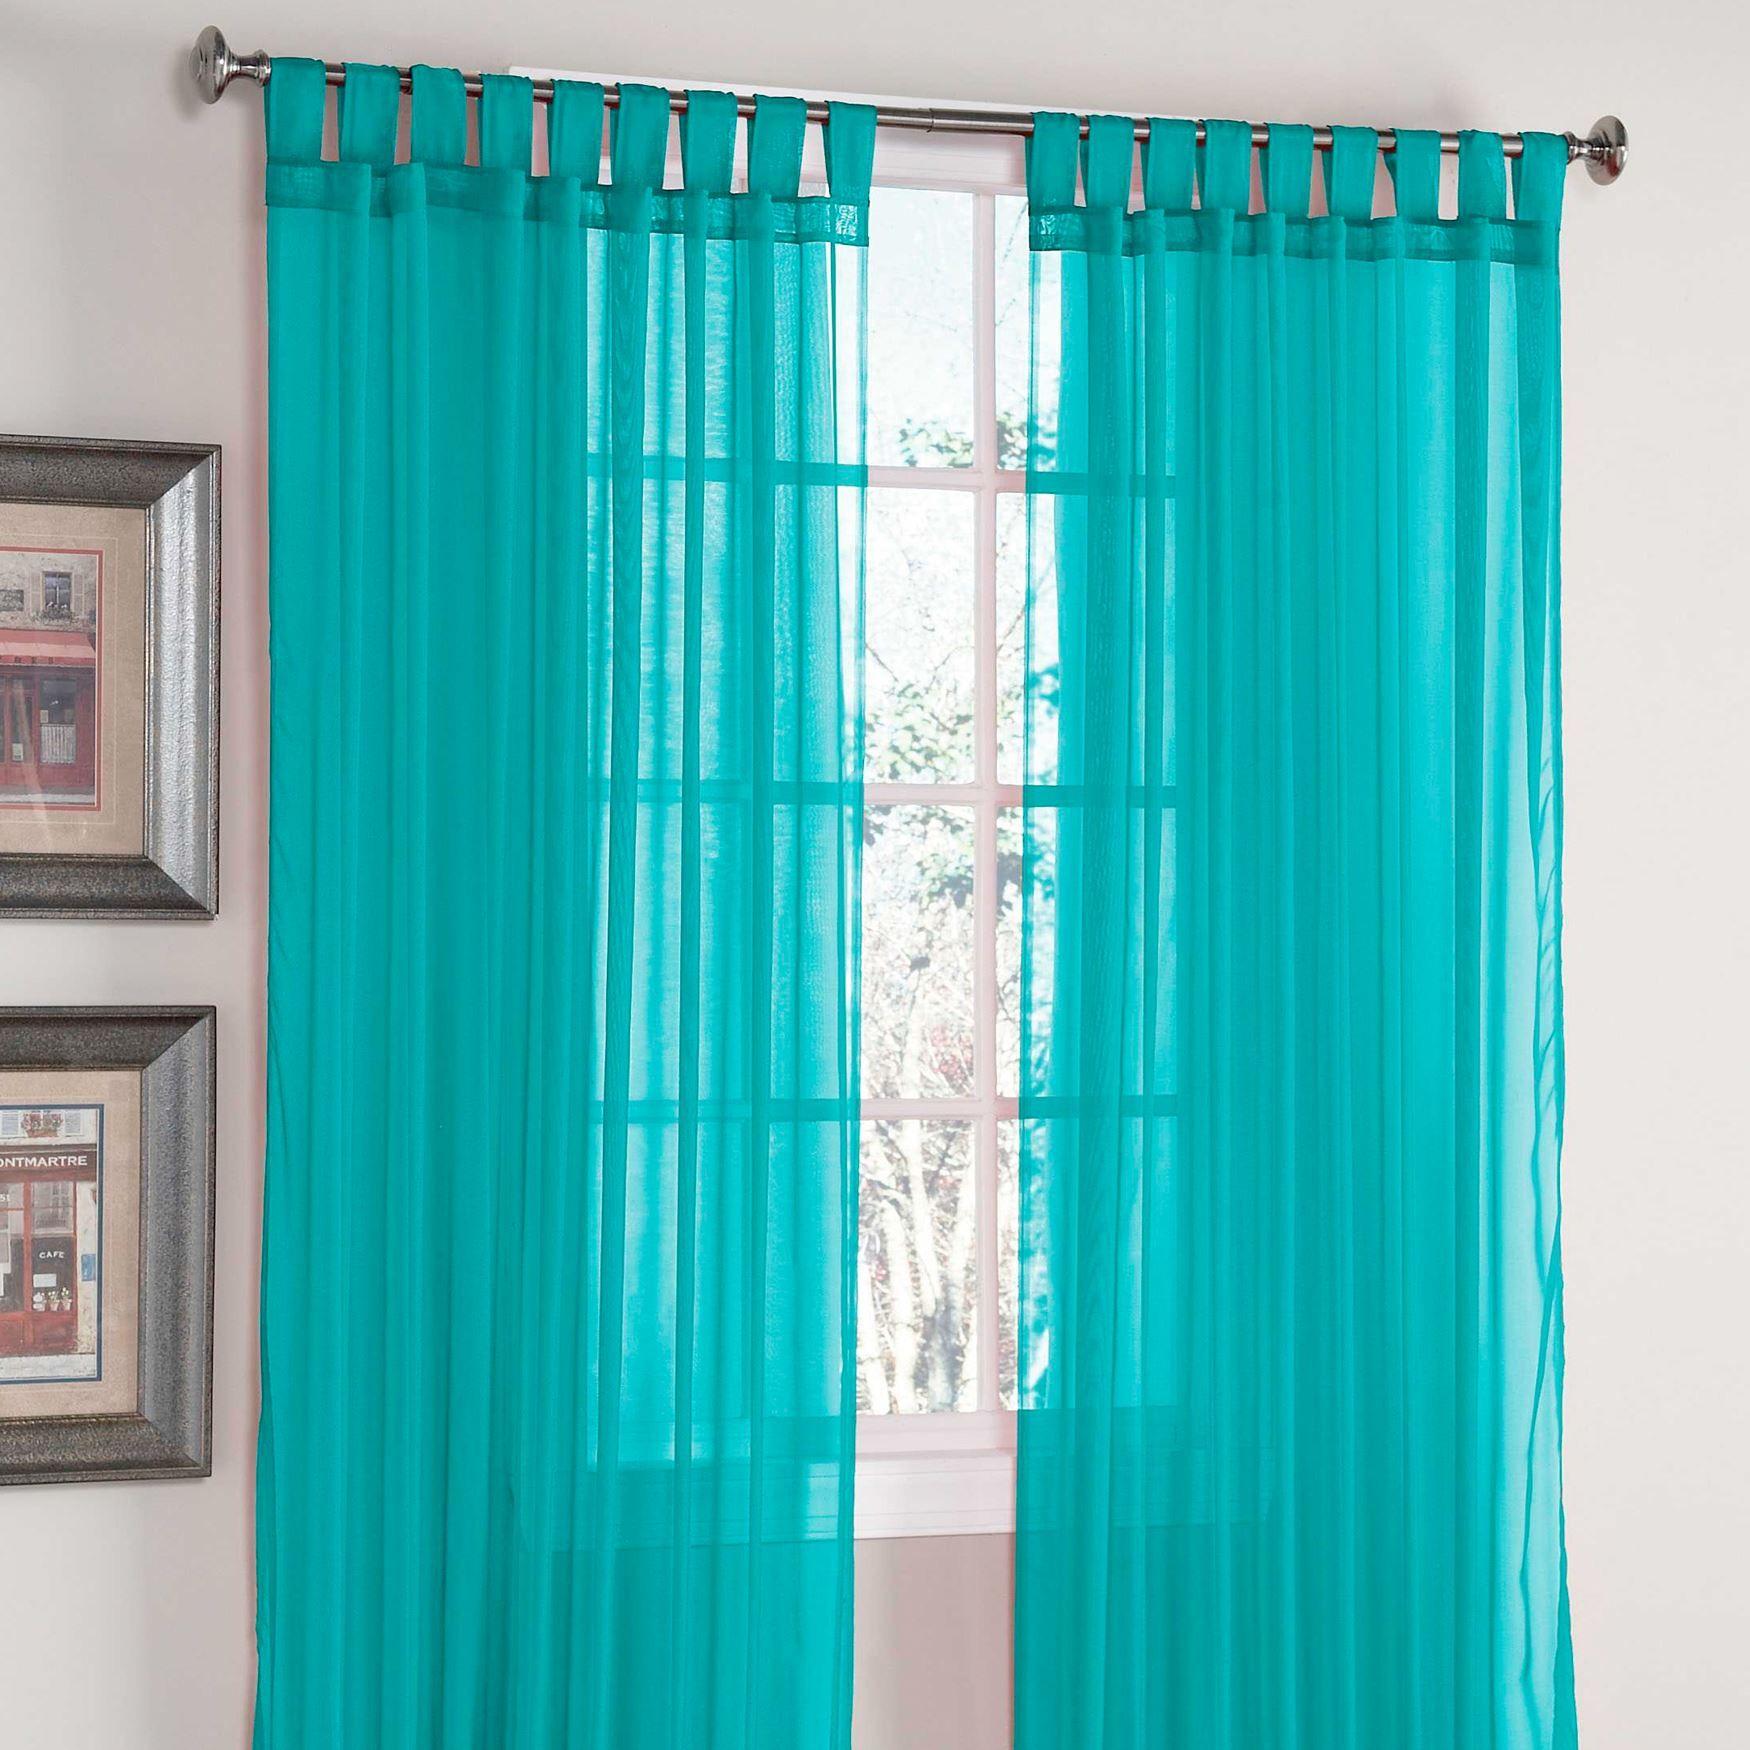 Scenario® Sheer Voile Tab Top Panels | Sheer Curtains | Brylanehome